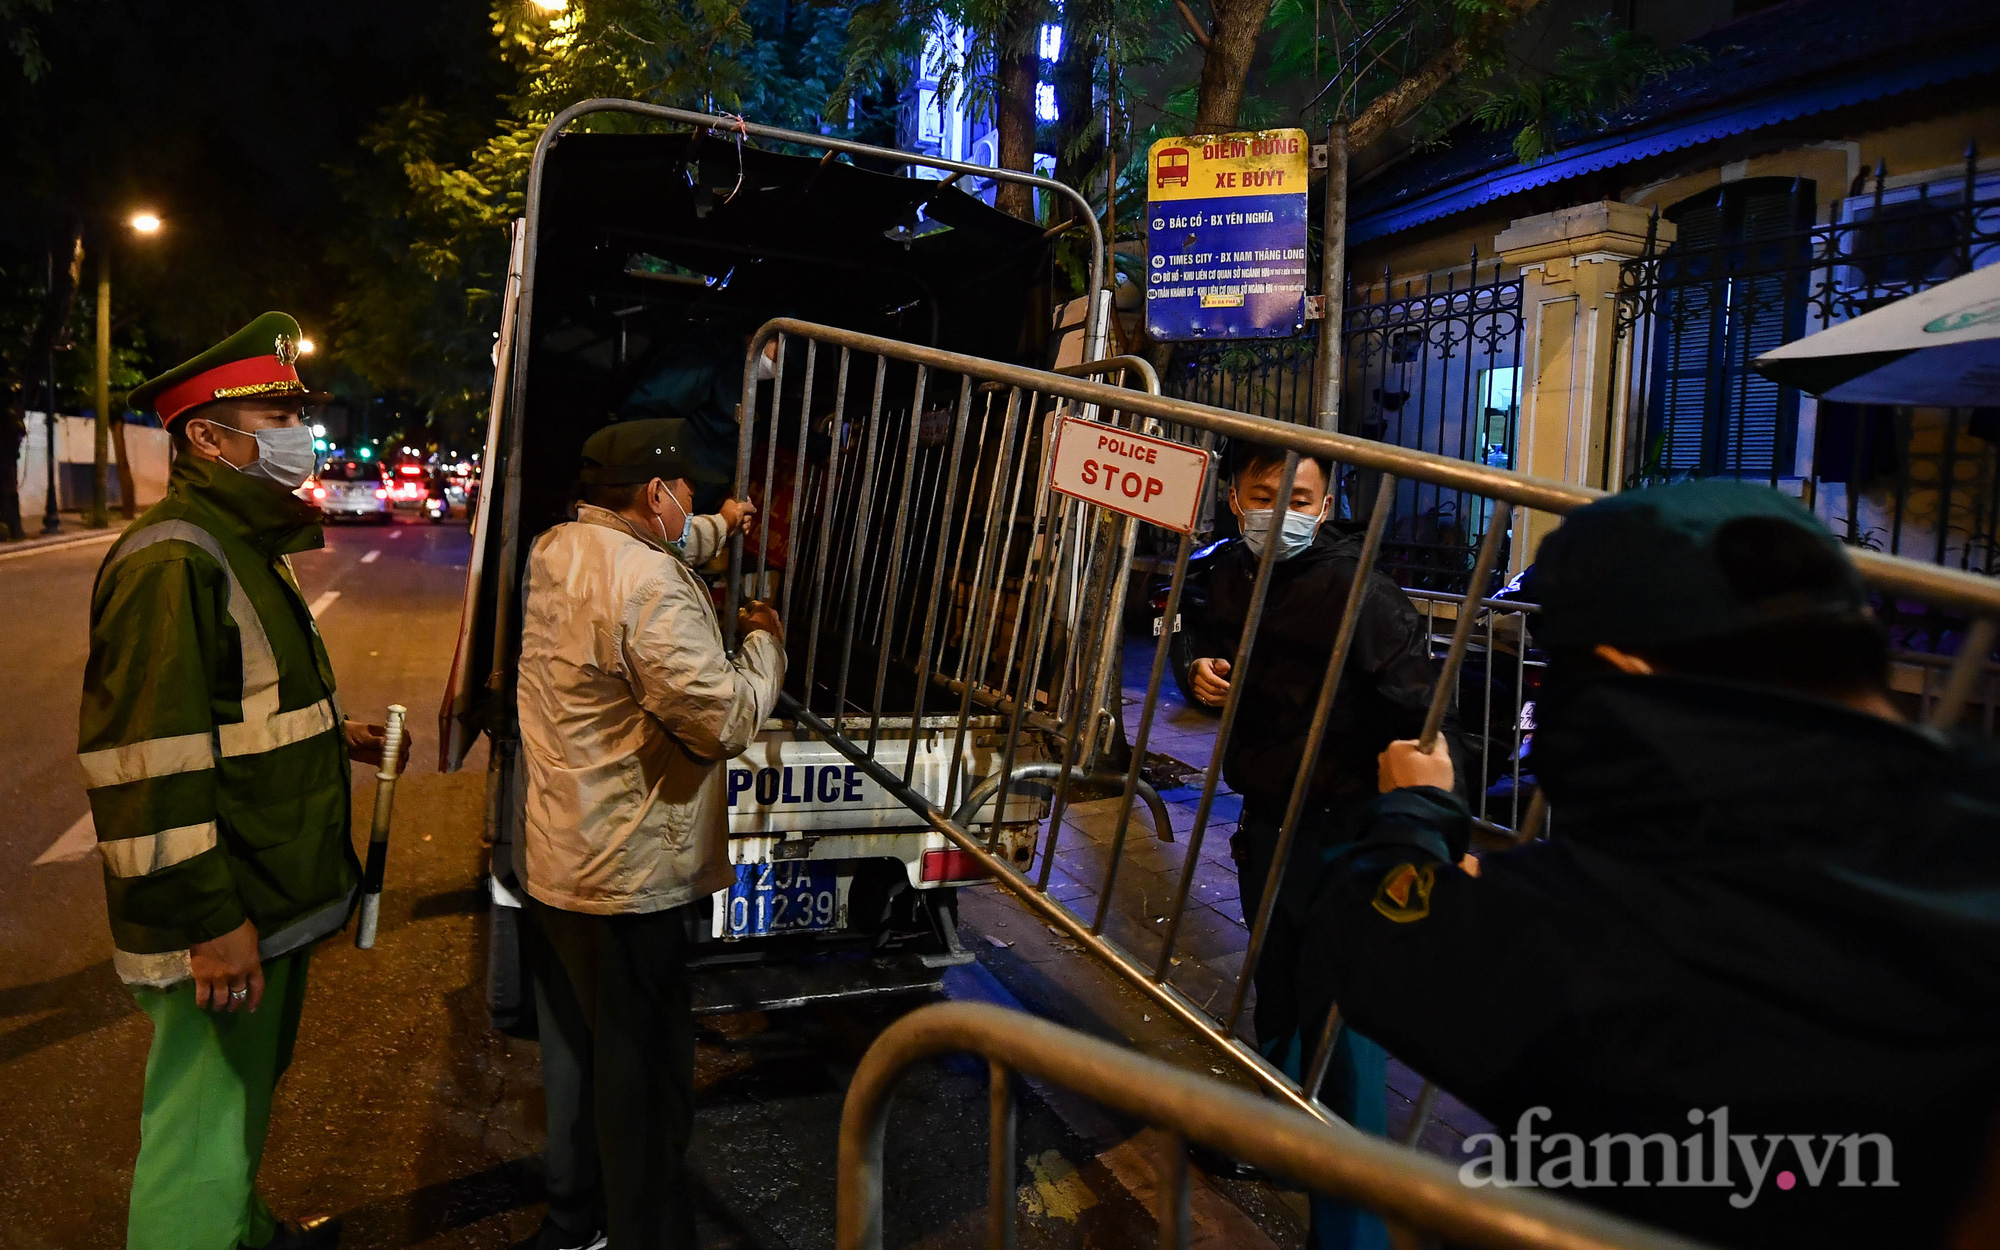 Bệnh viện Việt Đức chính thức được gỡ phong tỏa sau 18 ngày